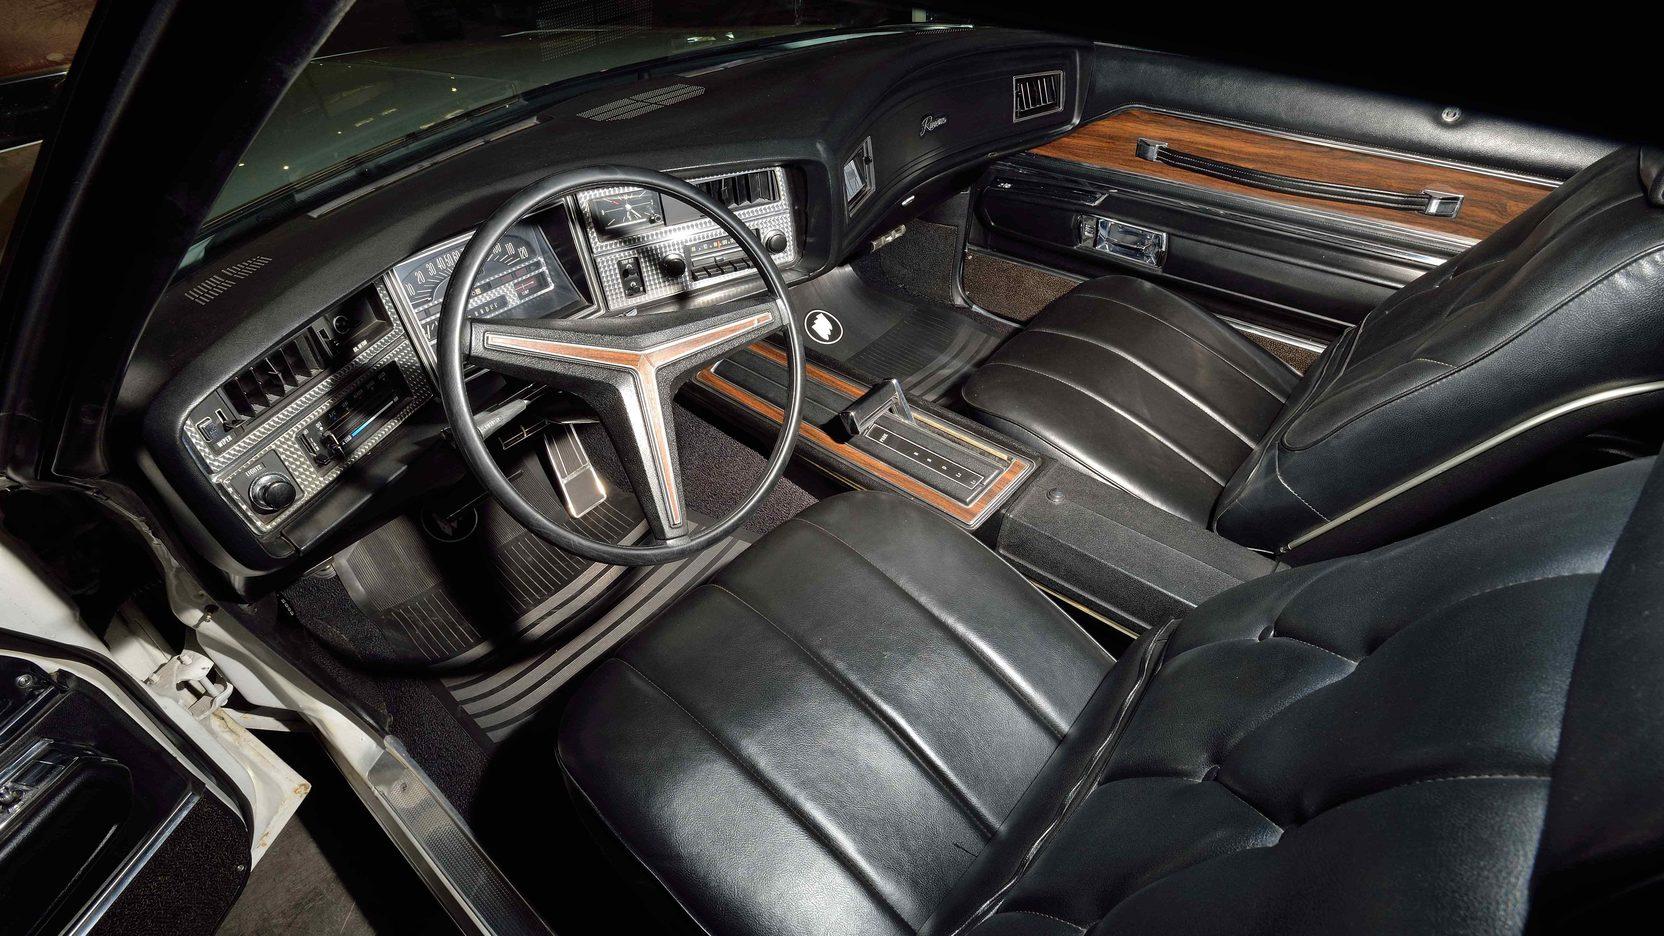 1971 Buick Riviera interior driver